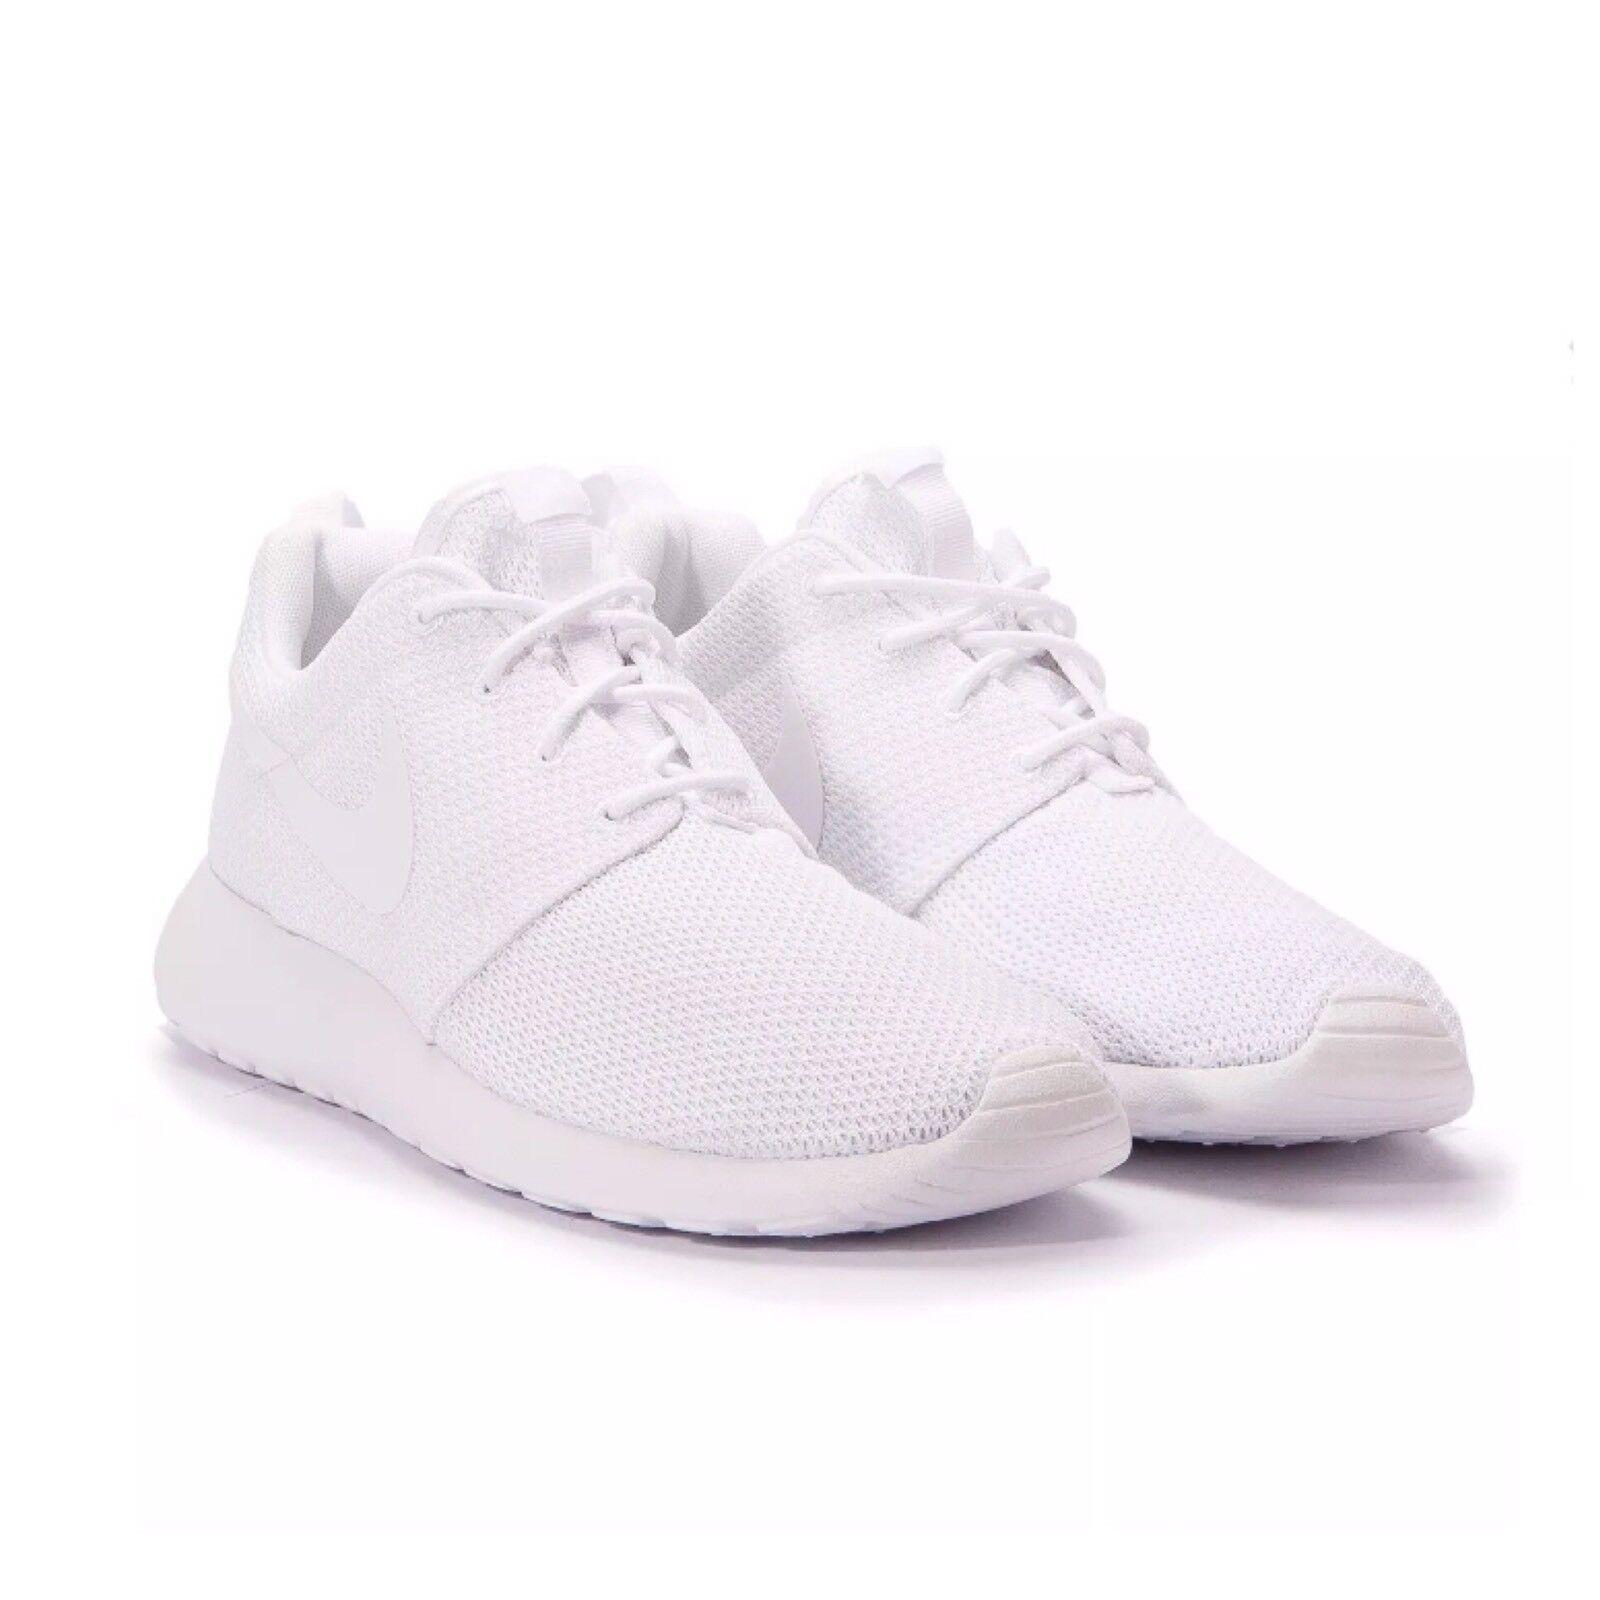 Nike Roshe One (511881-112) Men's Size 10 White New